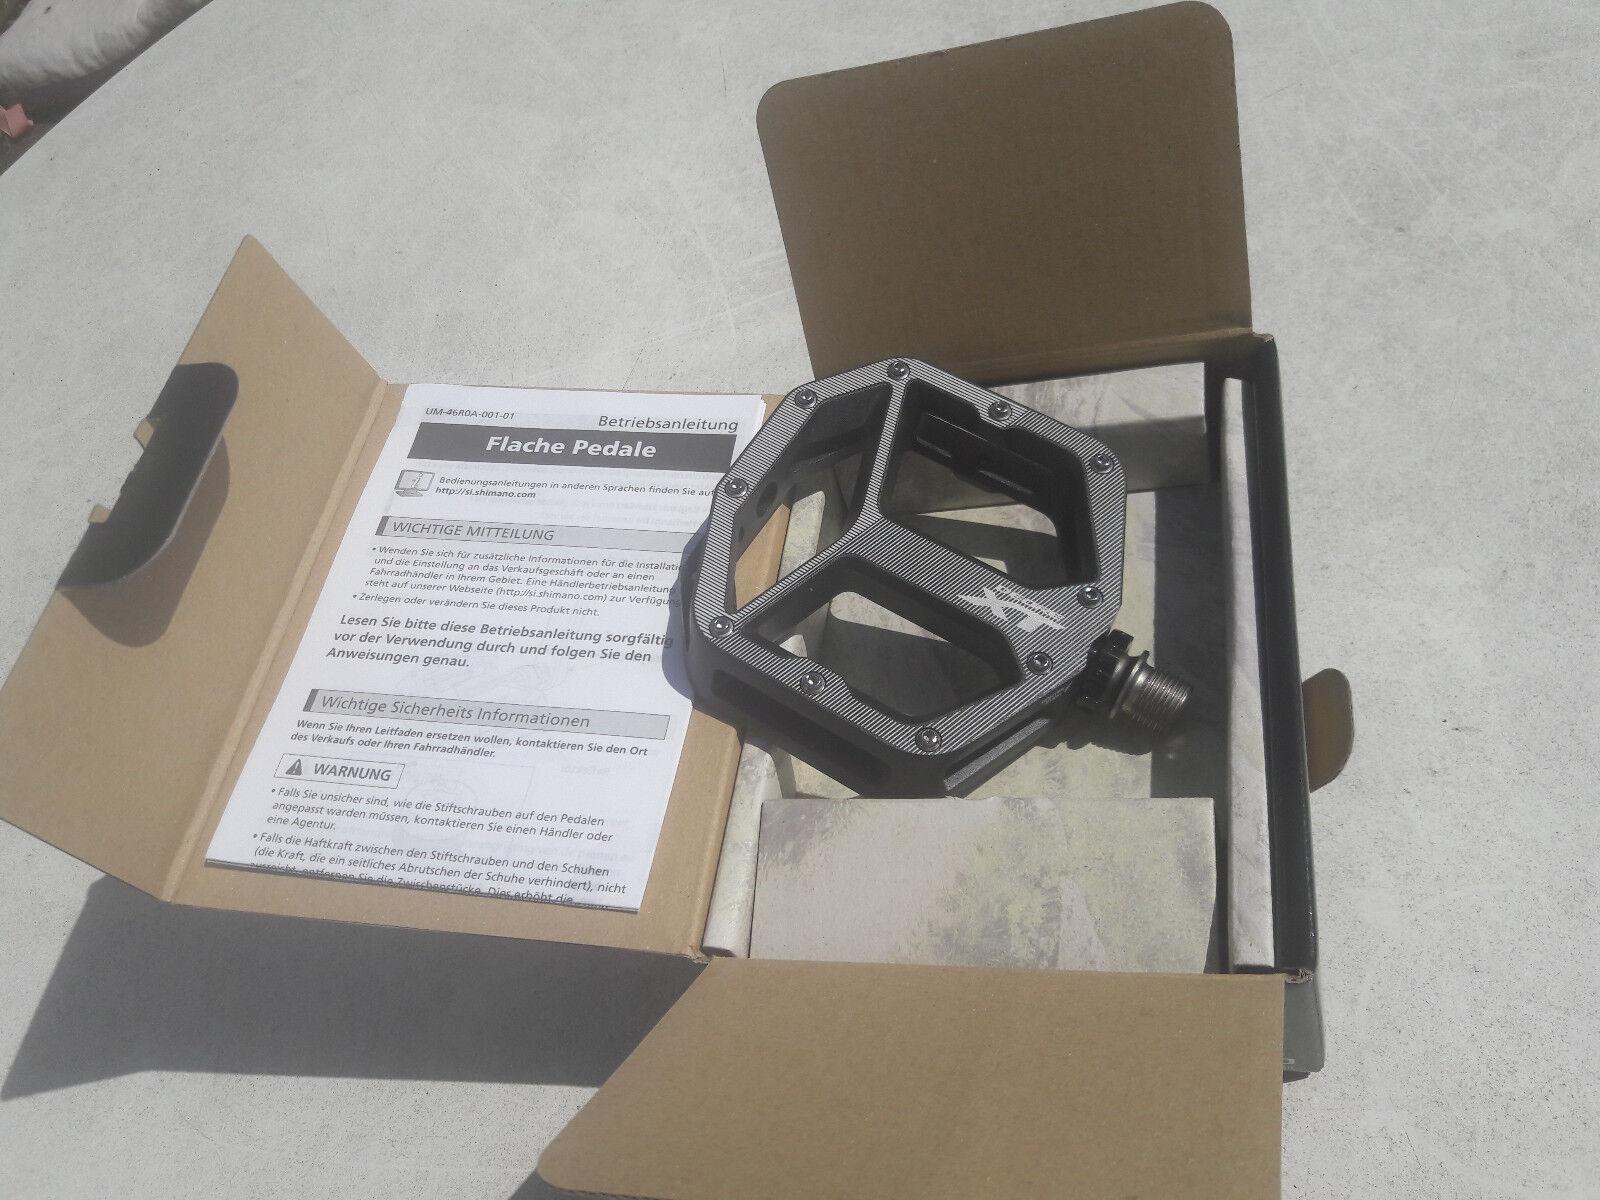 SHIMANO Pedal PD-M8040 PD-M8040 PD-M8040 Mod. 18 XT Grösse S M 1b34b0